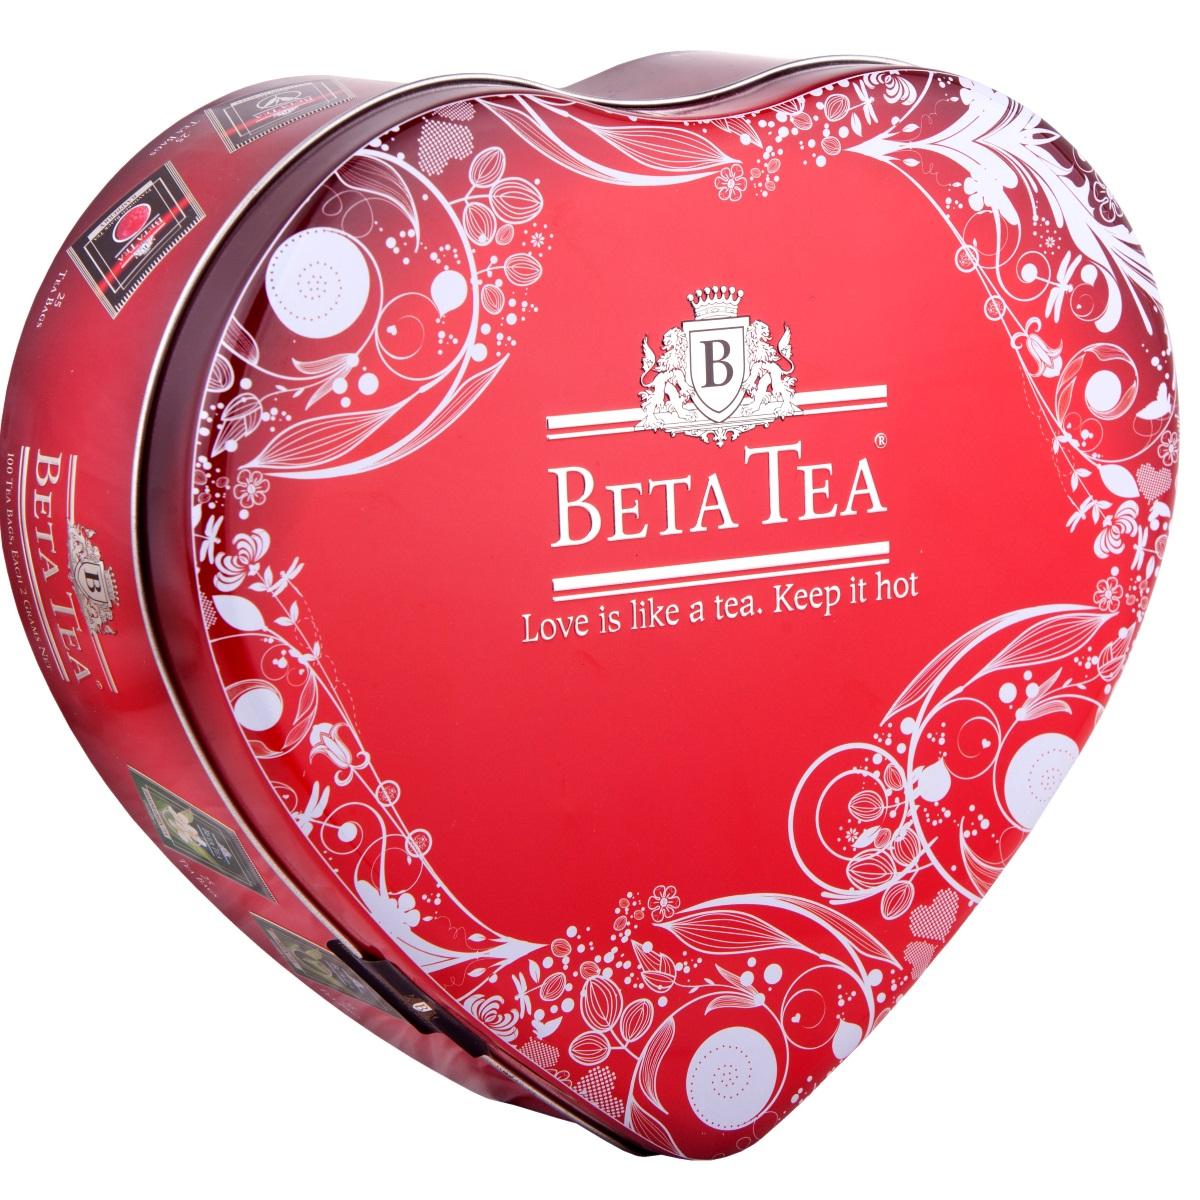 Beta Tea Сердце чайный набор, 100 шт (подарочная упаковка)0120710Beta Tea Сердце - отличный подарок для любимых с лучших чайных плантаций Шри-Ланки. Набор включает в себя:Чай Отборное качество (25 шт., 50 г). Его поставляют лучшие чайные плантации Шри-Ланки. Любители крепкого чая с терпким вкусом по достоинству оценят этот напиток.Чай Beta Tea Малина (25 шт., 50 г). Он содержит в себе неповторимый аромат малины, что придает напитку изысканный вкус. Этот чай, собранный с самых лучших плантаций Цейлона, производится в экологически чистых условиях при помощи современных технологий.Зеленый чай Beta Tea (25 шт., 50 г). Он занимает особое место в ассортименте компании. Основная задача при производстве этого сортасостоит в том, чтобы сохранить лечебные природные биологически активные вещества свежих листьев таким образом, чтобы они смогли высвободиться во время заваривания.Зеленый чай с жасмином Beta Tea (25 шт., 50 г) предлагает вам насладиться целебными качествами зеленого чая с лепестками тропического жасмина, цветки которого собирают на горных склонах до восхода солнца, чтобы сохранить их нежный аромат. Настой обладает тонким цветочным ароматом и мягким вкусом.